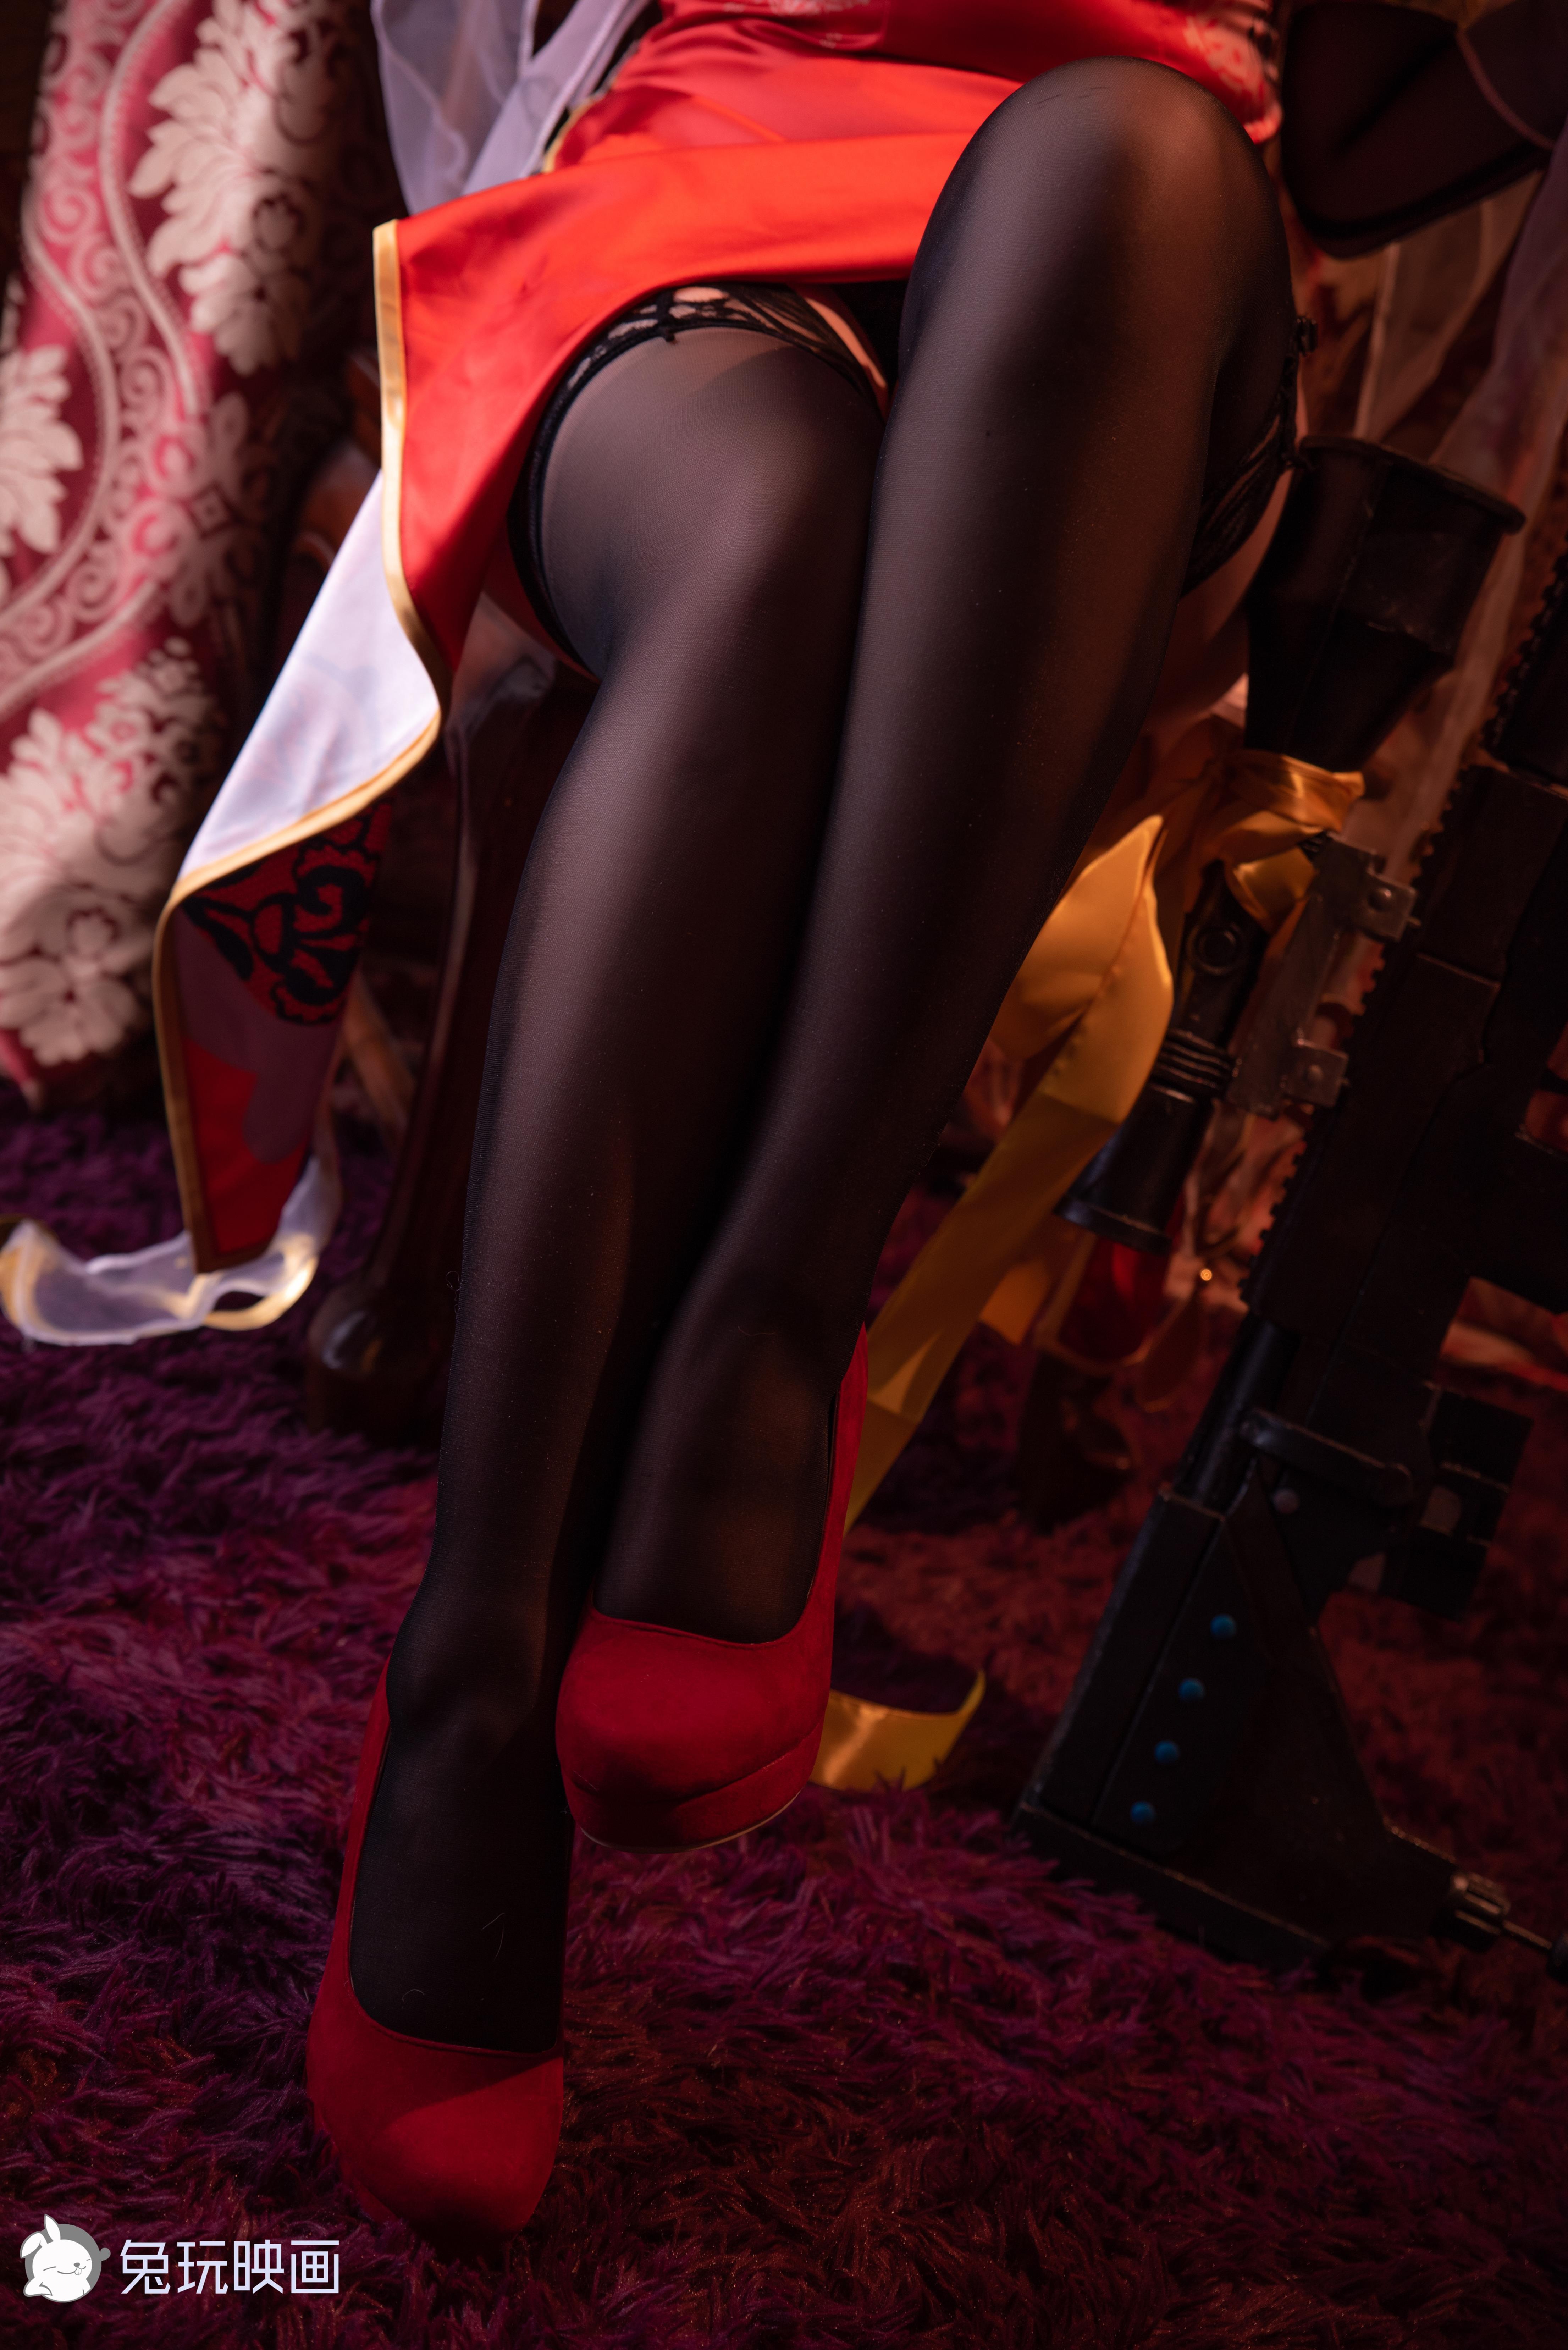 【四斋社妹子图】微博知名动漫COS妹子博主@兔玩映画最新作 黑色丝袜